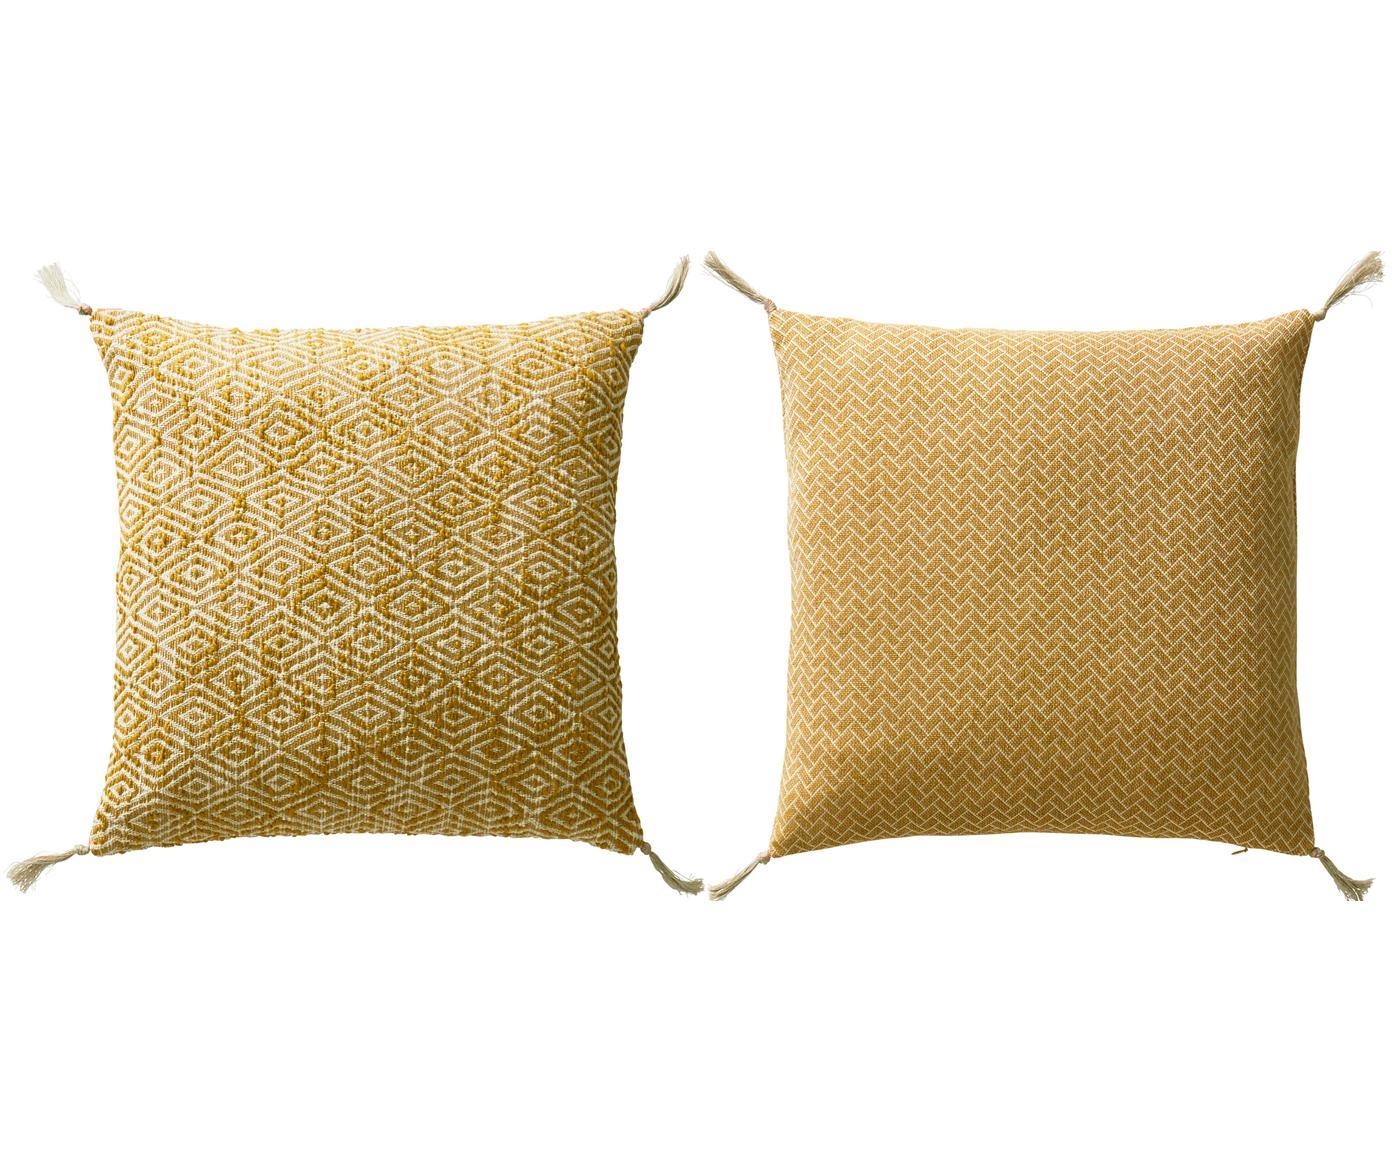 Set de fundas de cojines con borlas Fancy, 2pzas., Algodón, Amarillo, blanco crudo, An 45 x L 45 cm